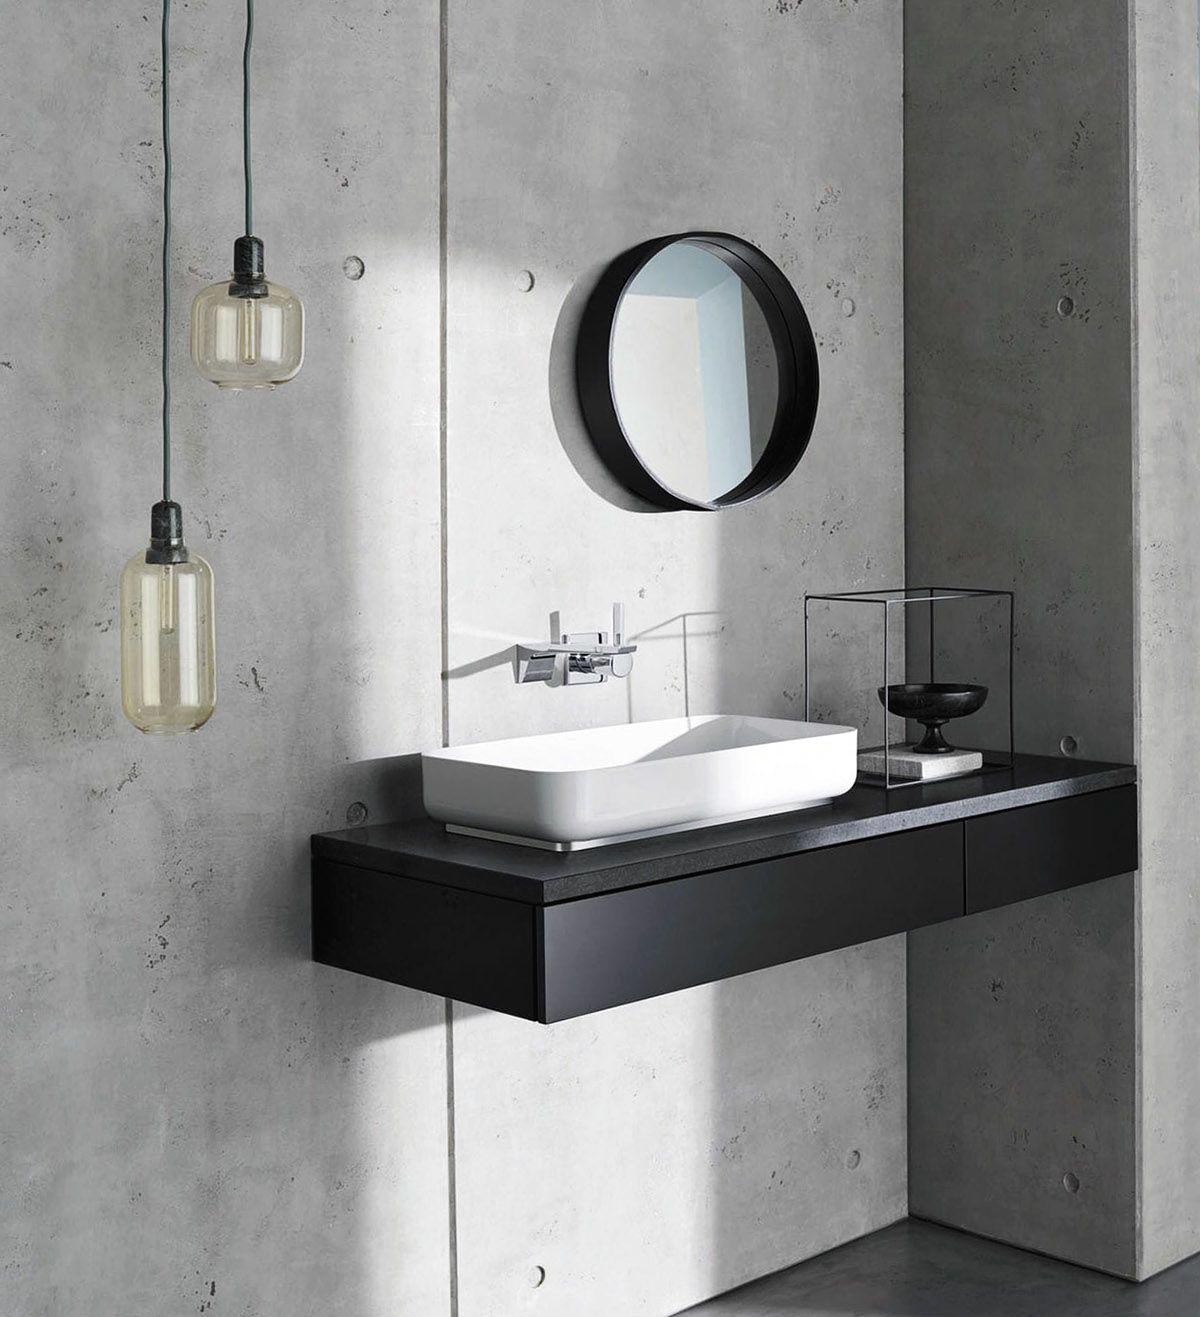 Bagni moderni di design il piacere del lusso lovethesign for Bagni lusso design